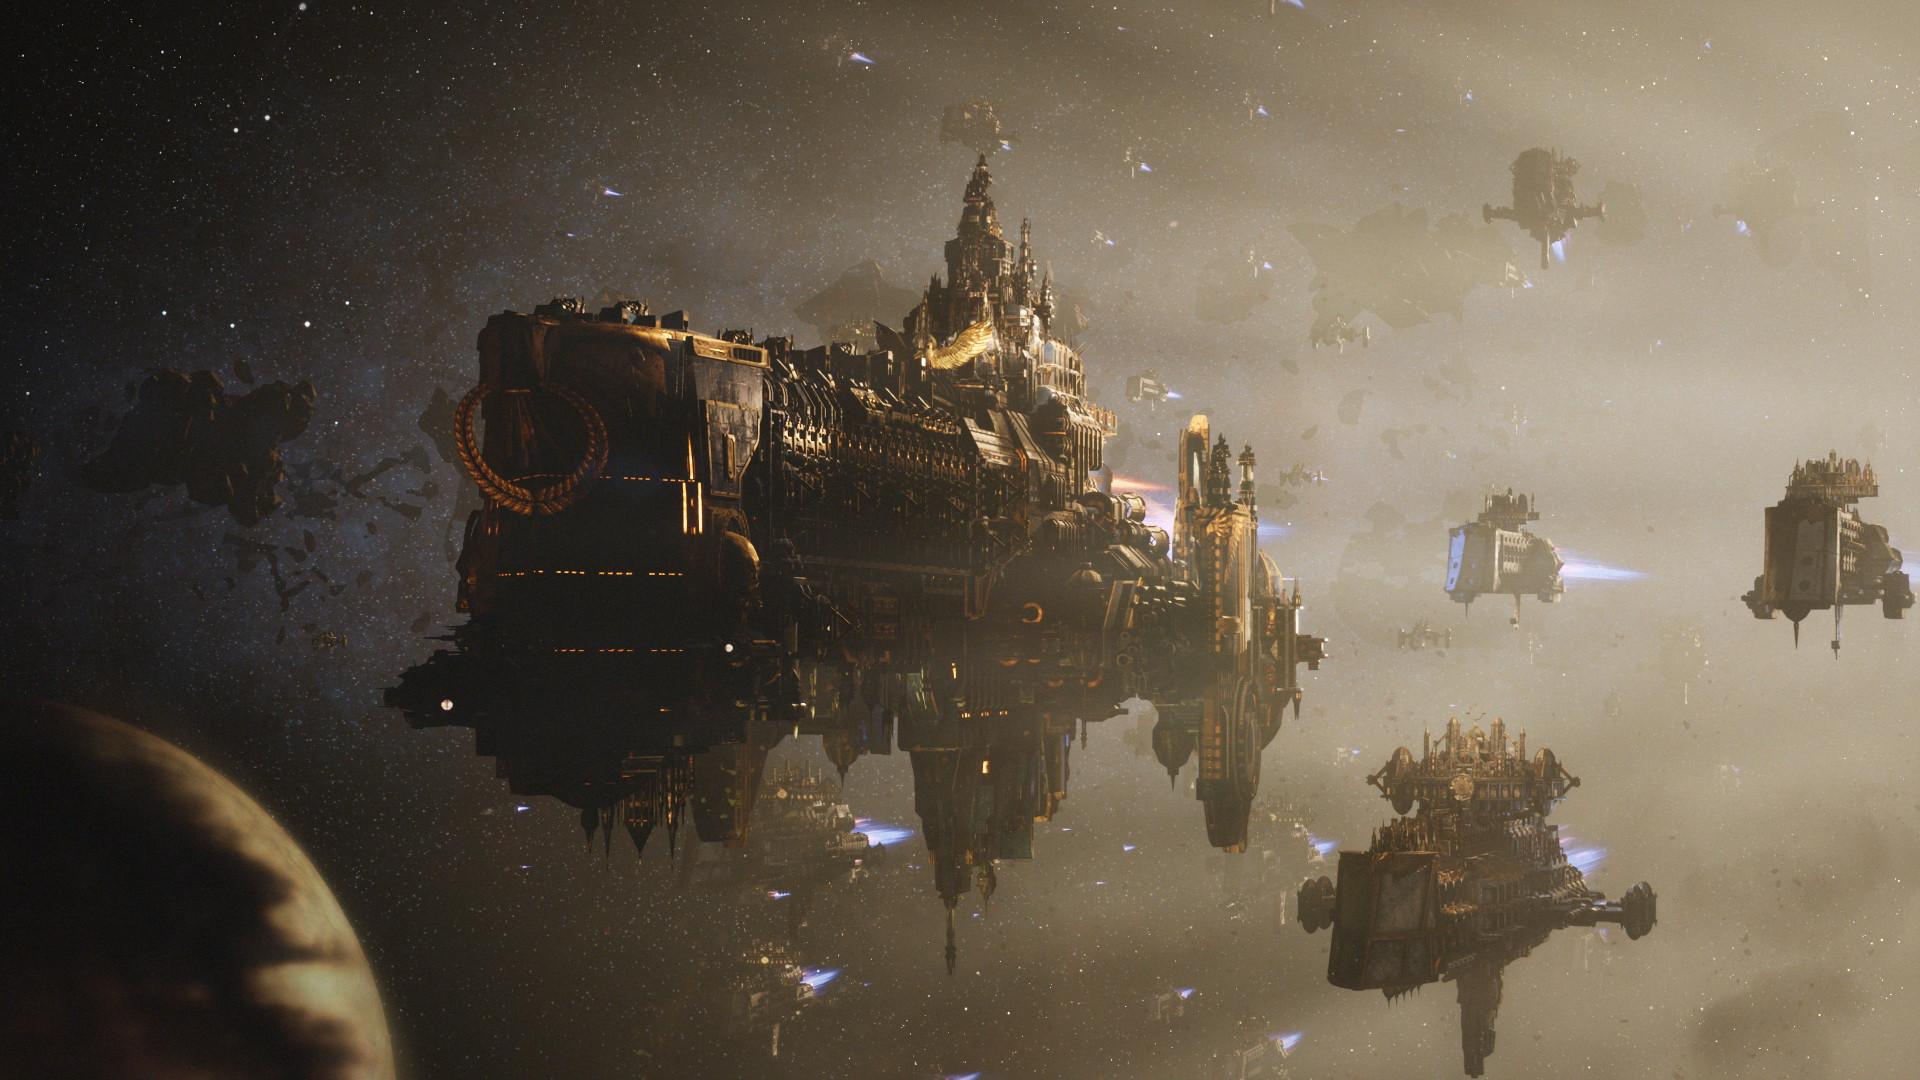 哥特舰队:阿玛达2插图2